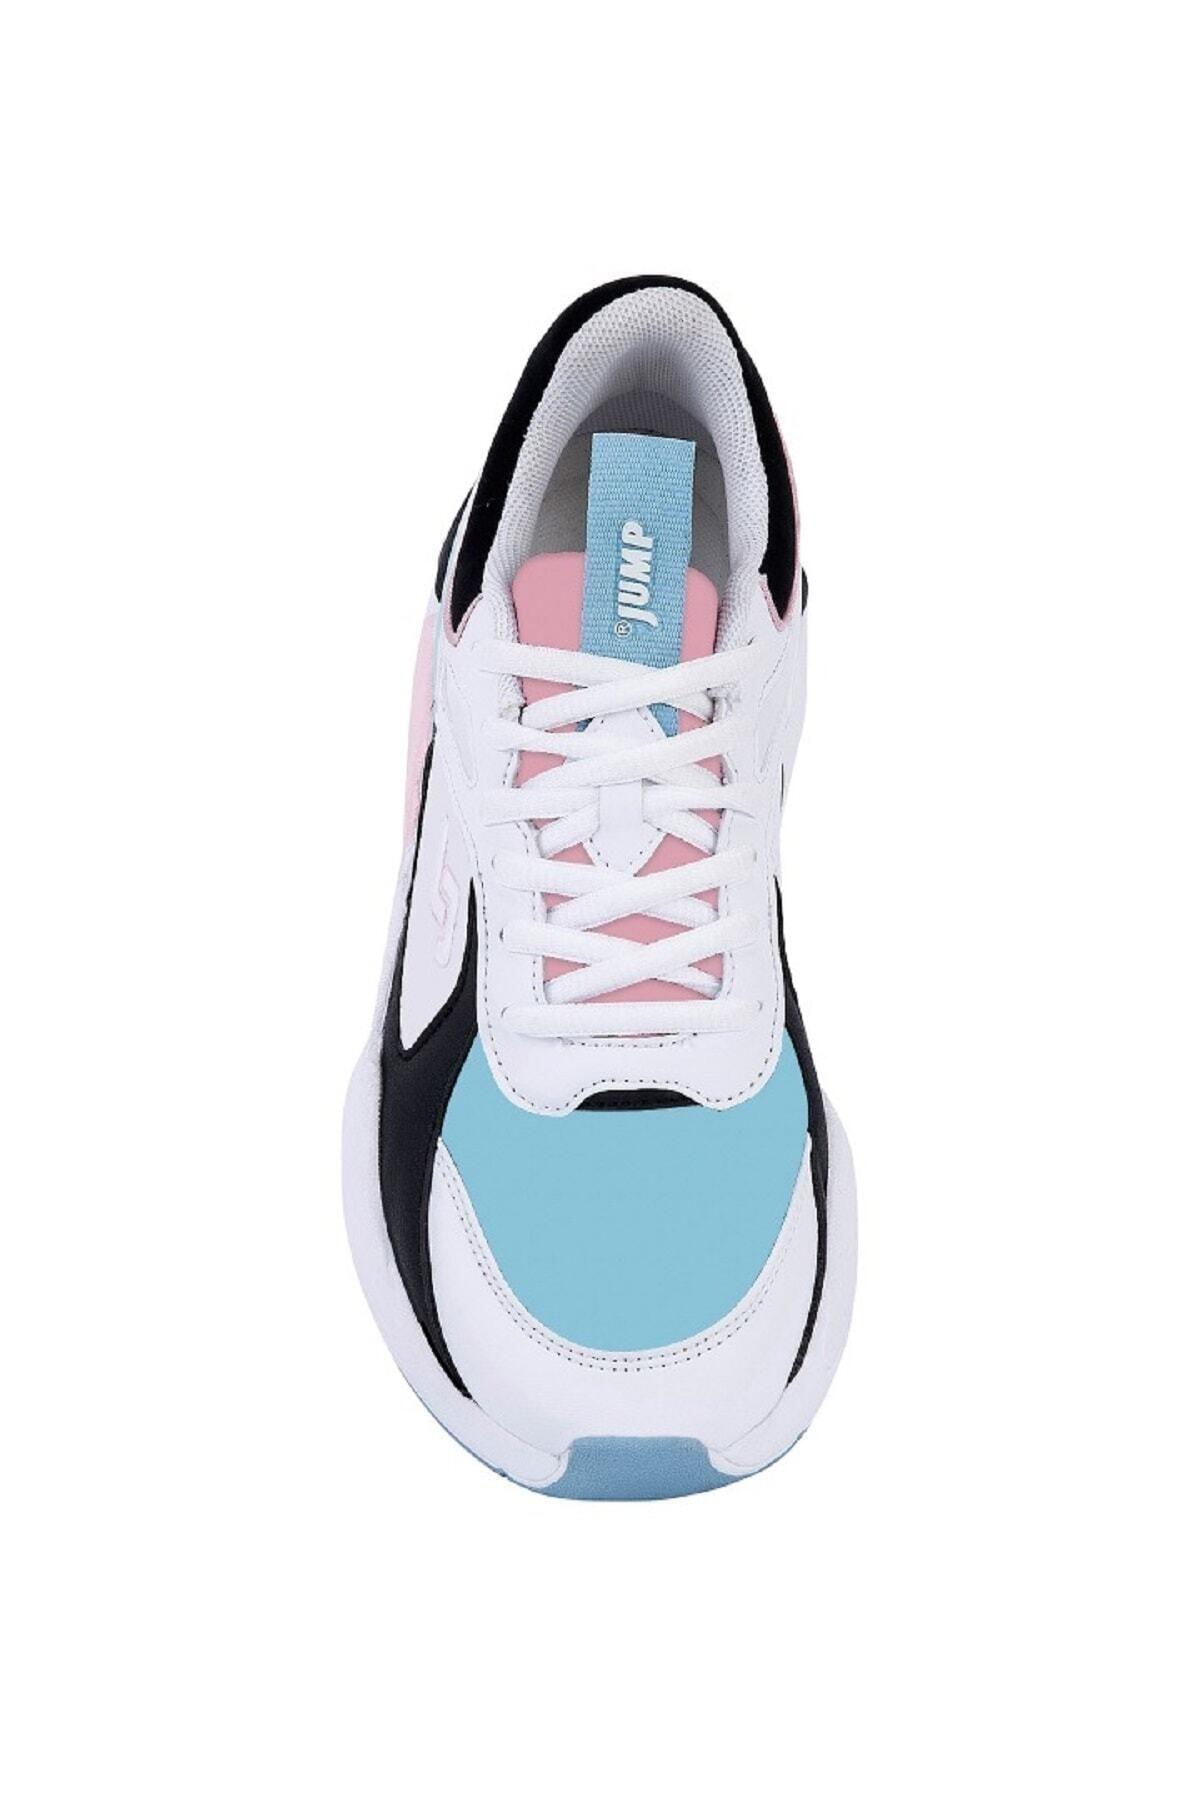 Jump 24772 Beyaz Kadın Spor Ayakkabı 2